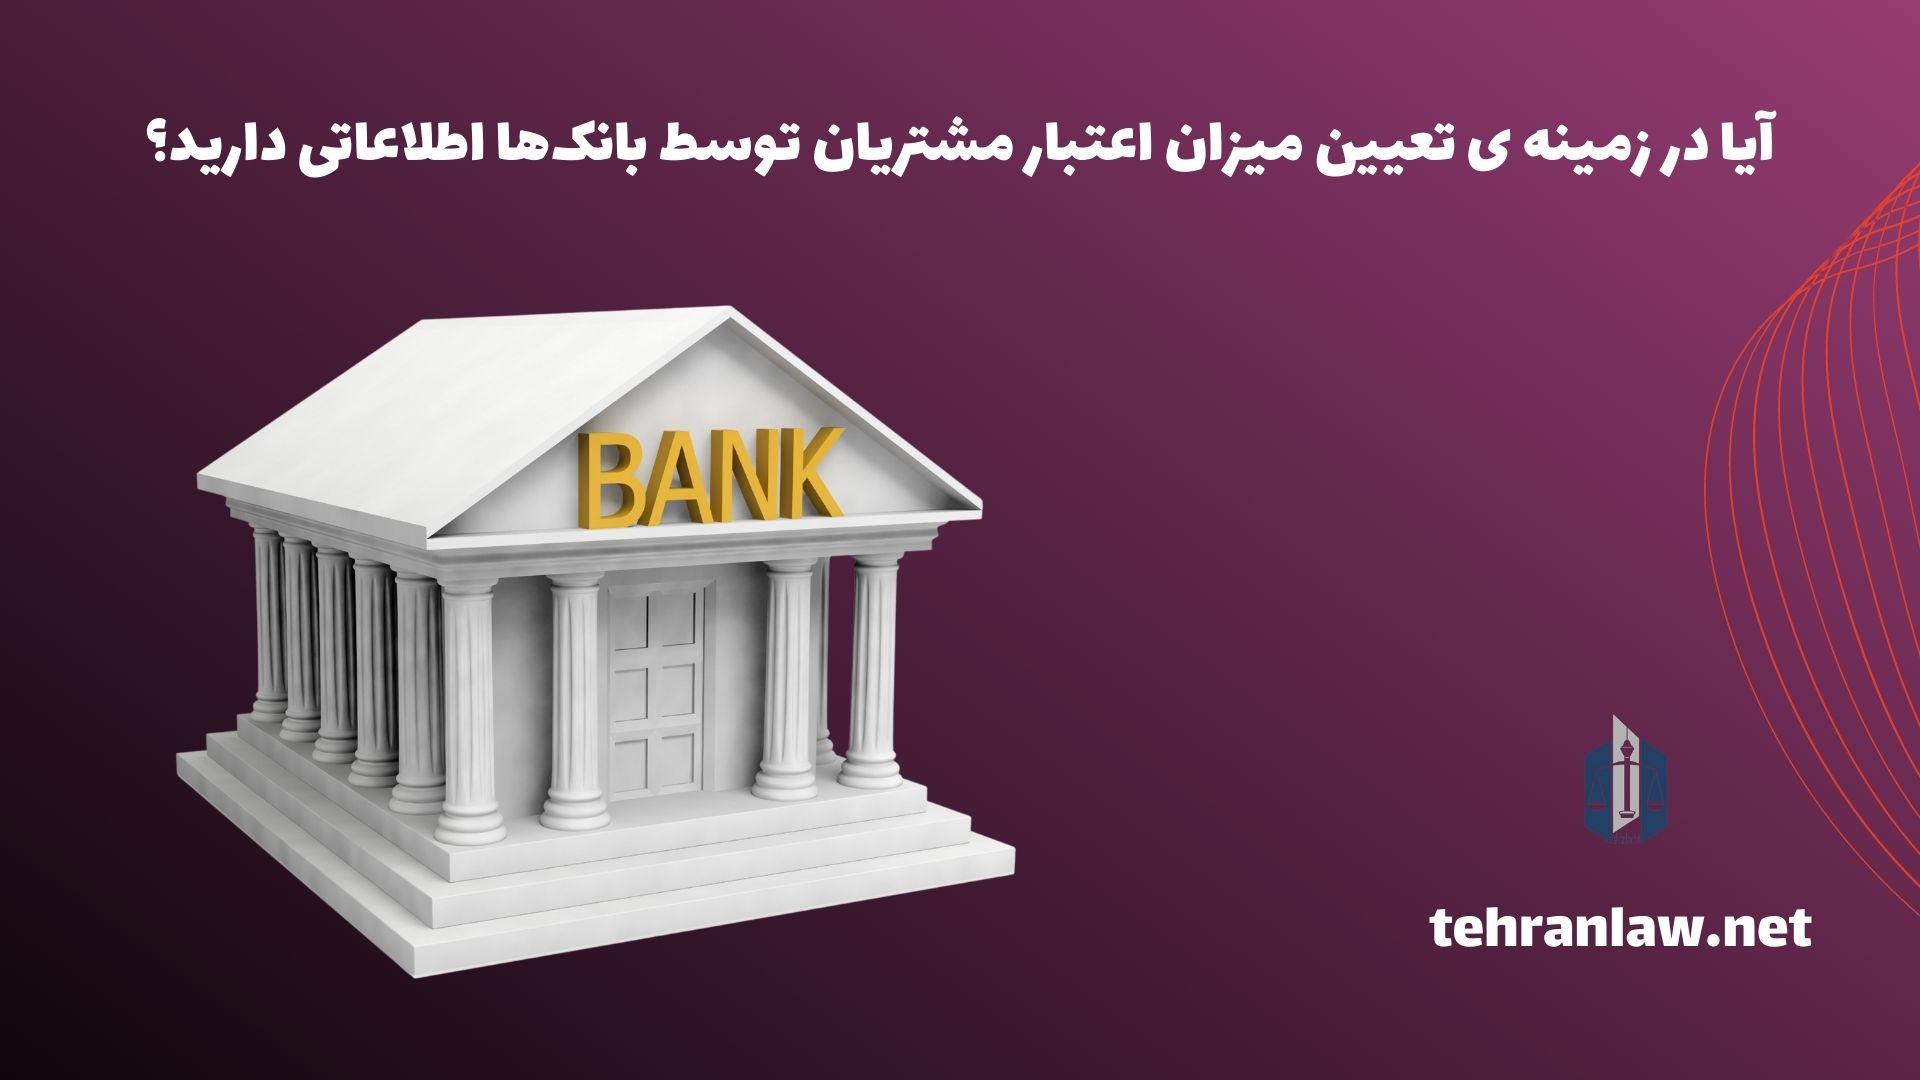 آیا در زمینه ی تعیین میزان اعتبار مشتریان توسط بانک ها اطلاعاتی دارید؟